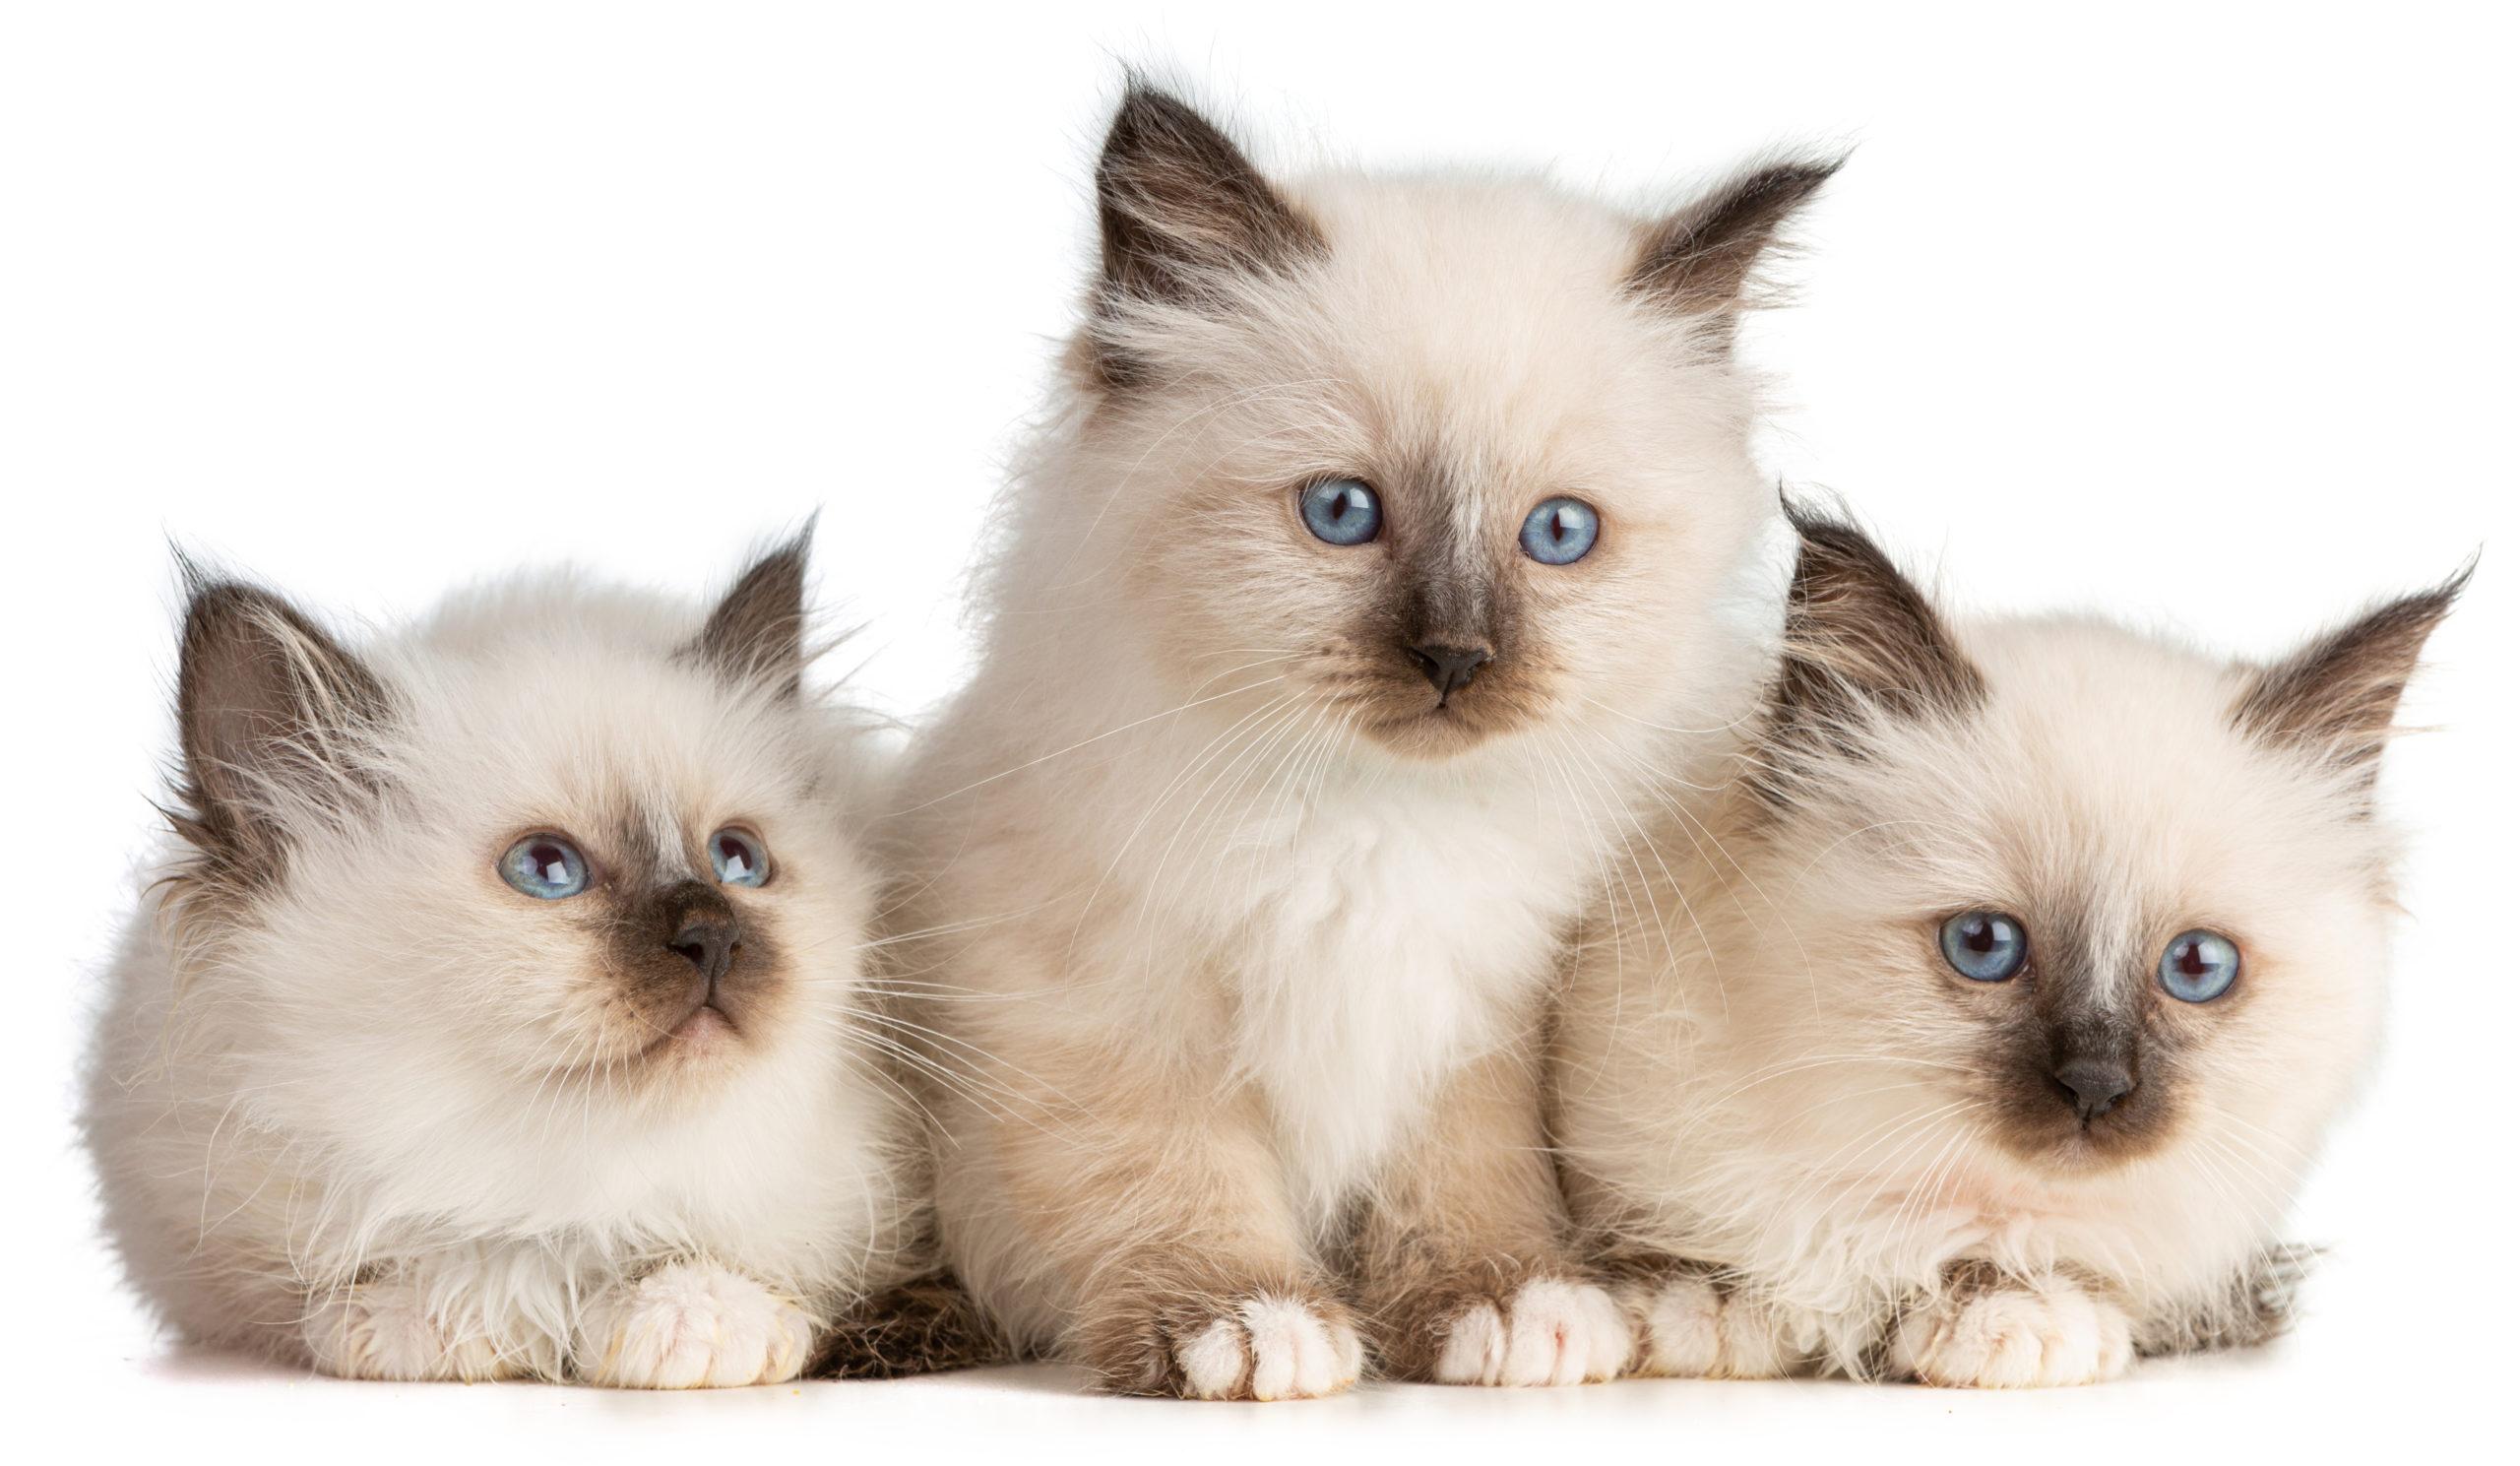 【猫好き必見!】子猫の動画【子猫が可愛すぎるので閲覧注意!】